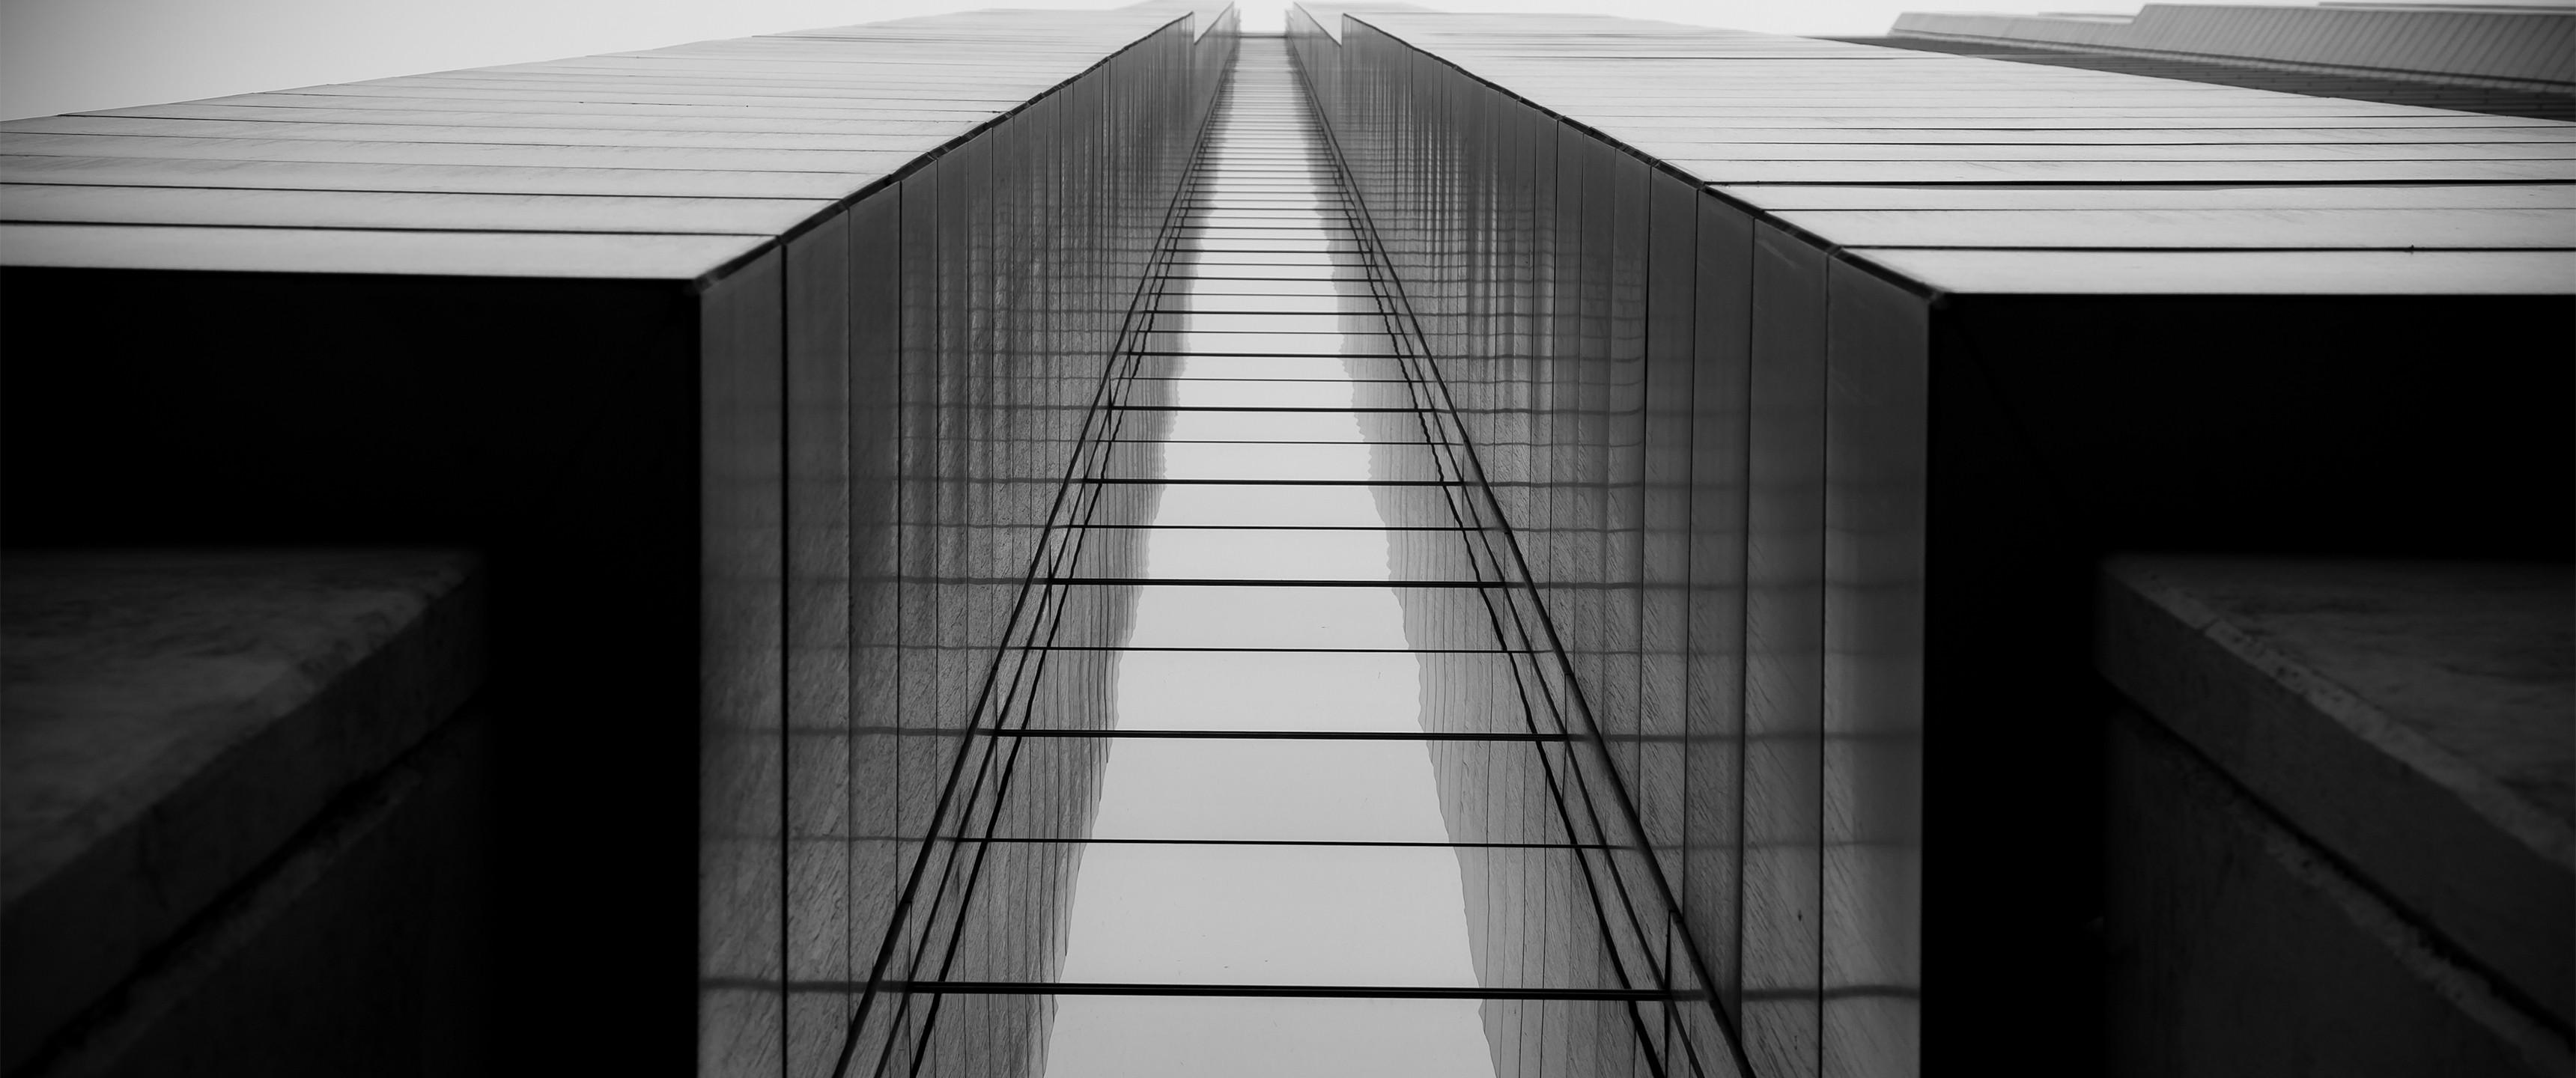 Fondos de pantalla monocromo arquitectura edificio for Disenos de interiores en blanco y negro